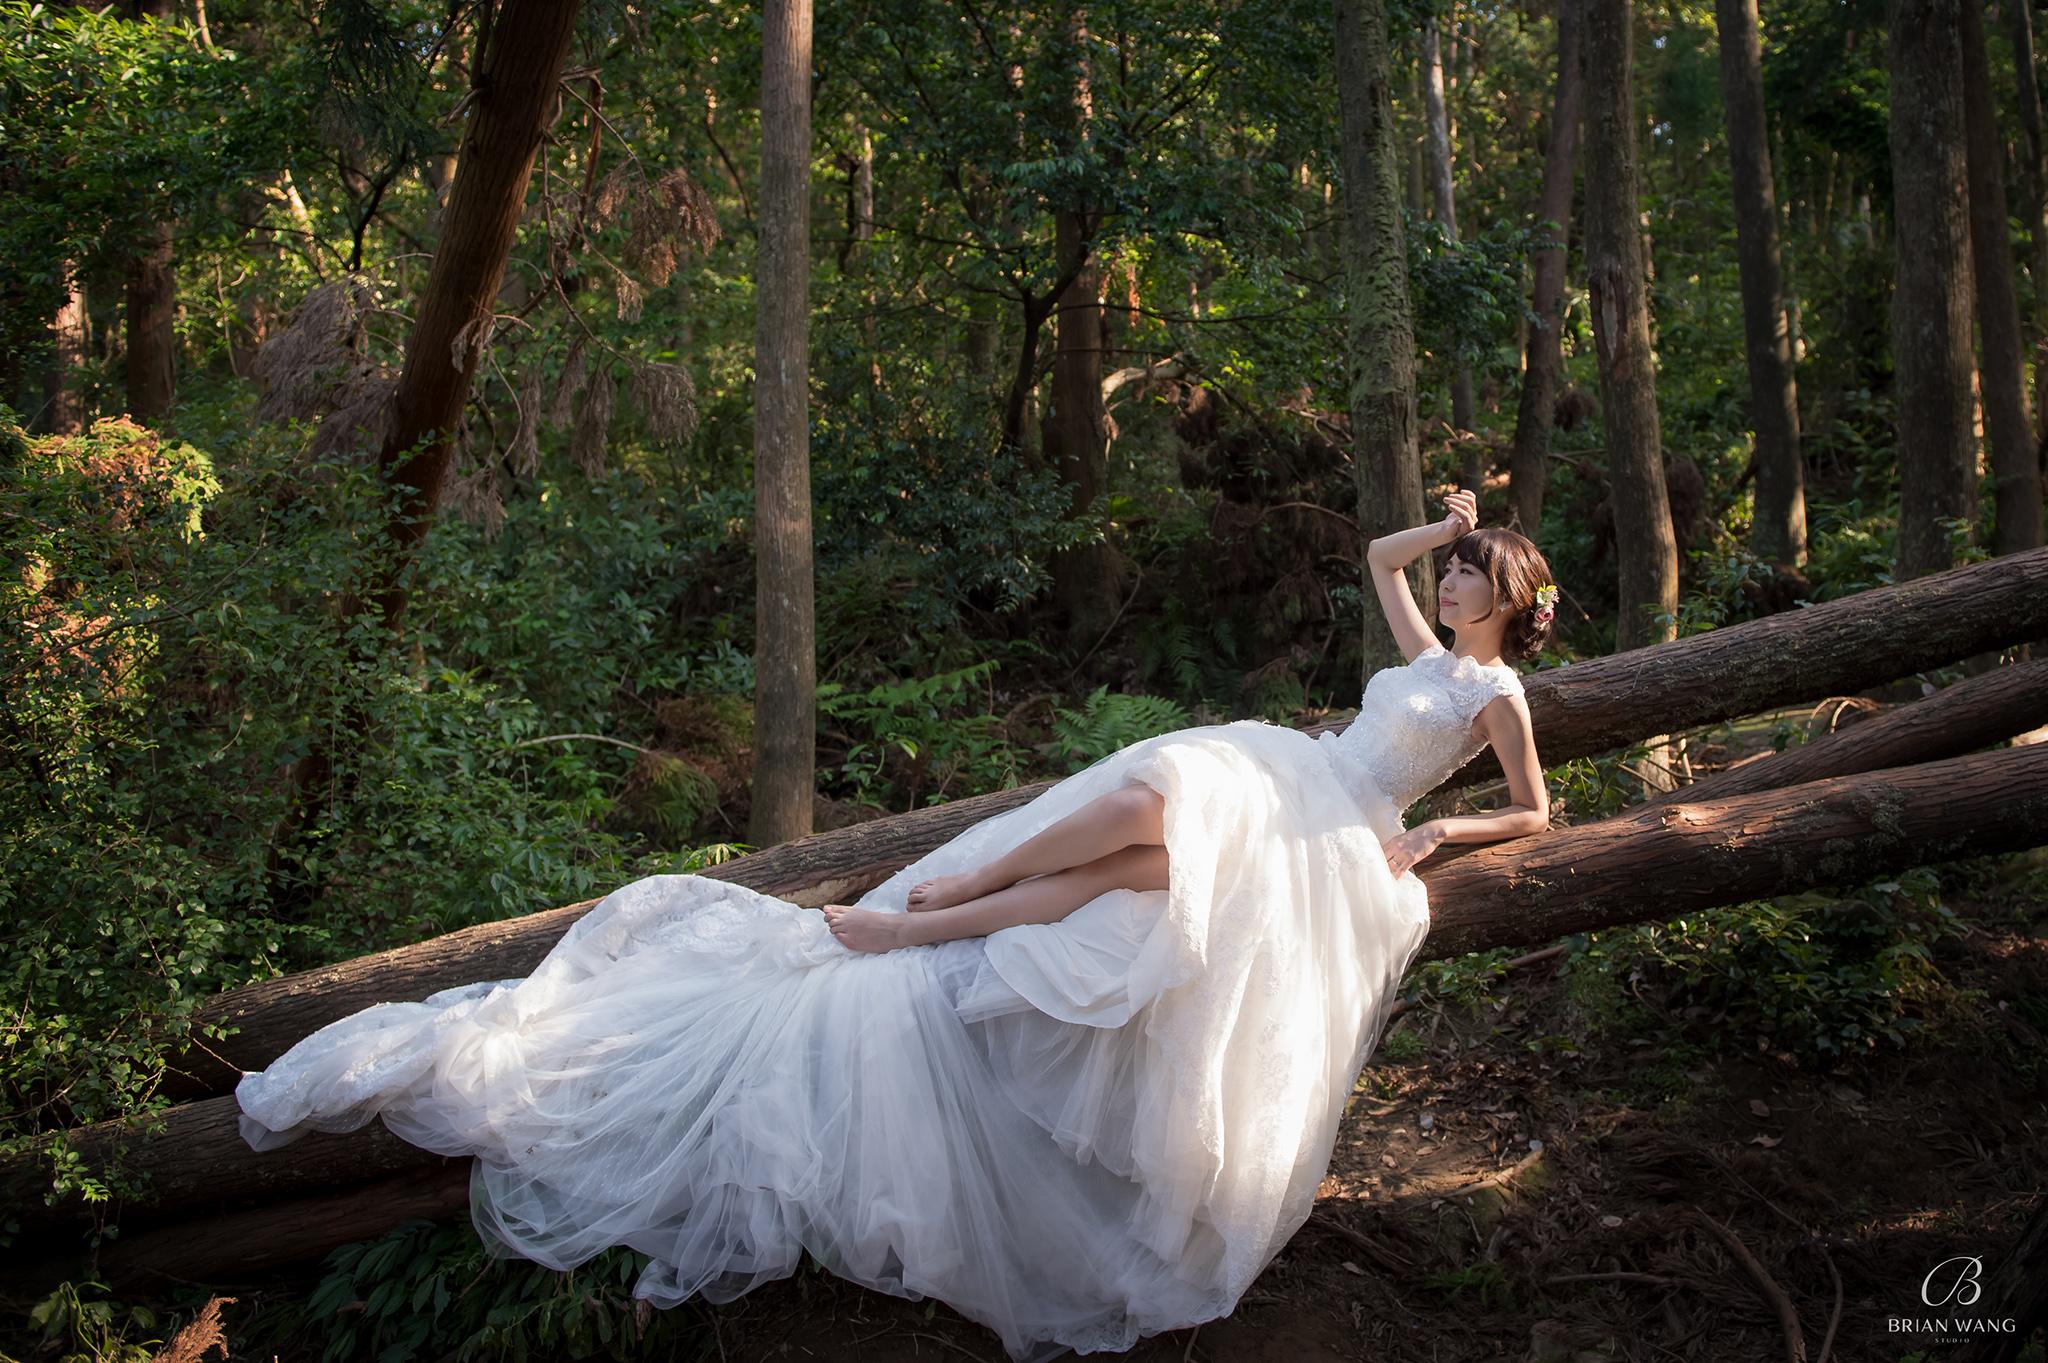 '陽明山黑森林婚紗,逆光婚紗,時尚曼谷婚紗,台大婚紗,台大校史館婚紗,食尚曼谷婚紗,婚紗價格,2048BWS_9995'